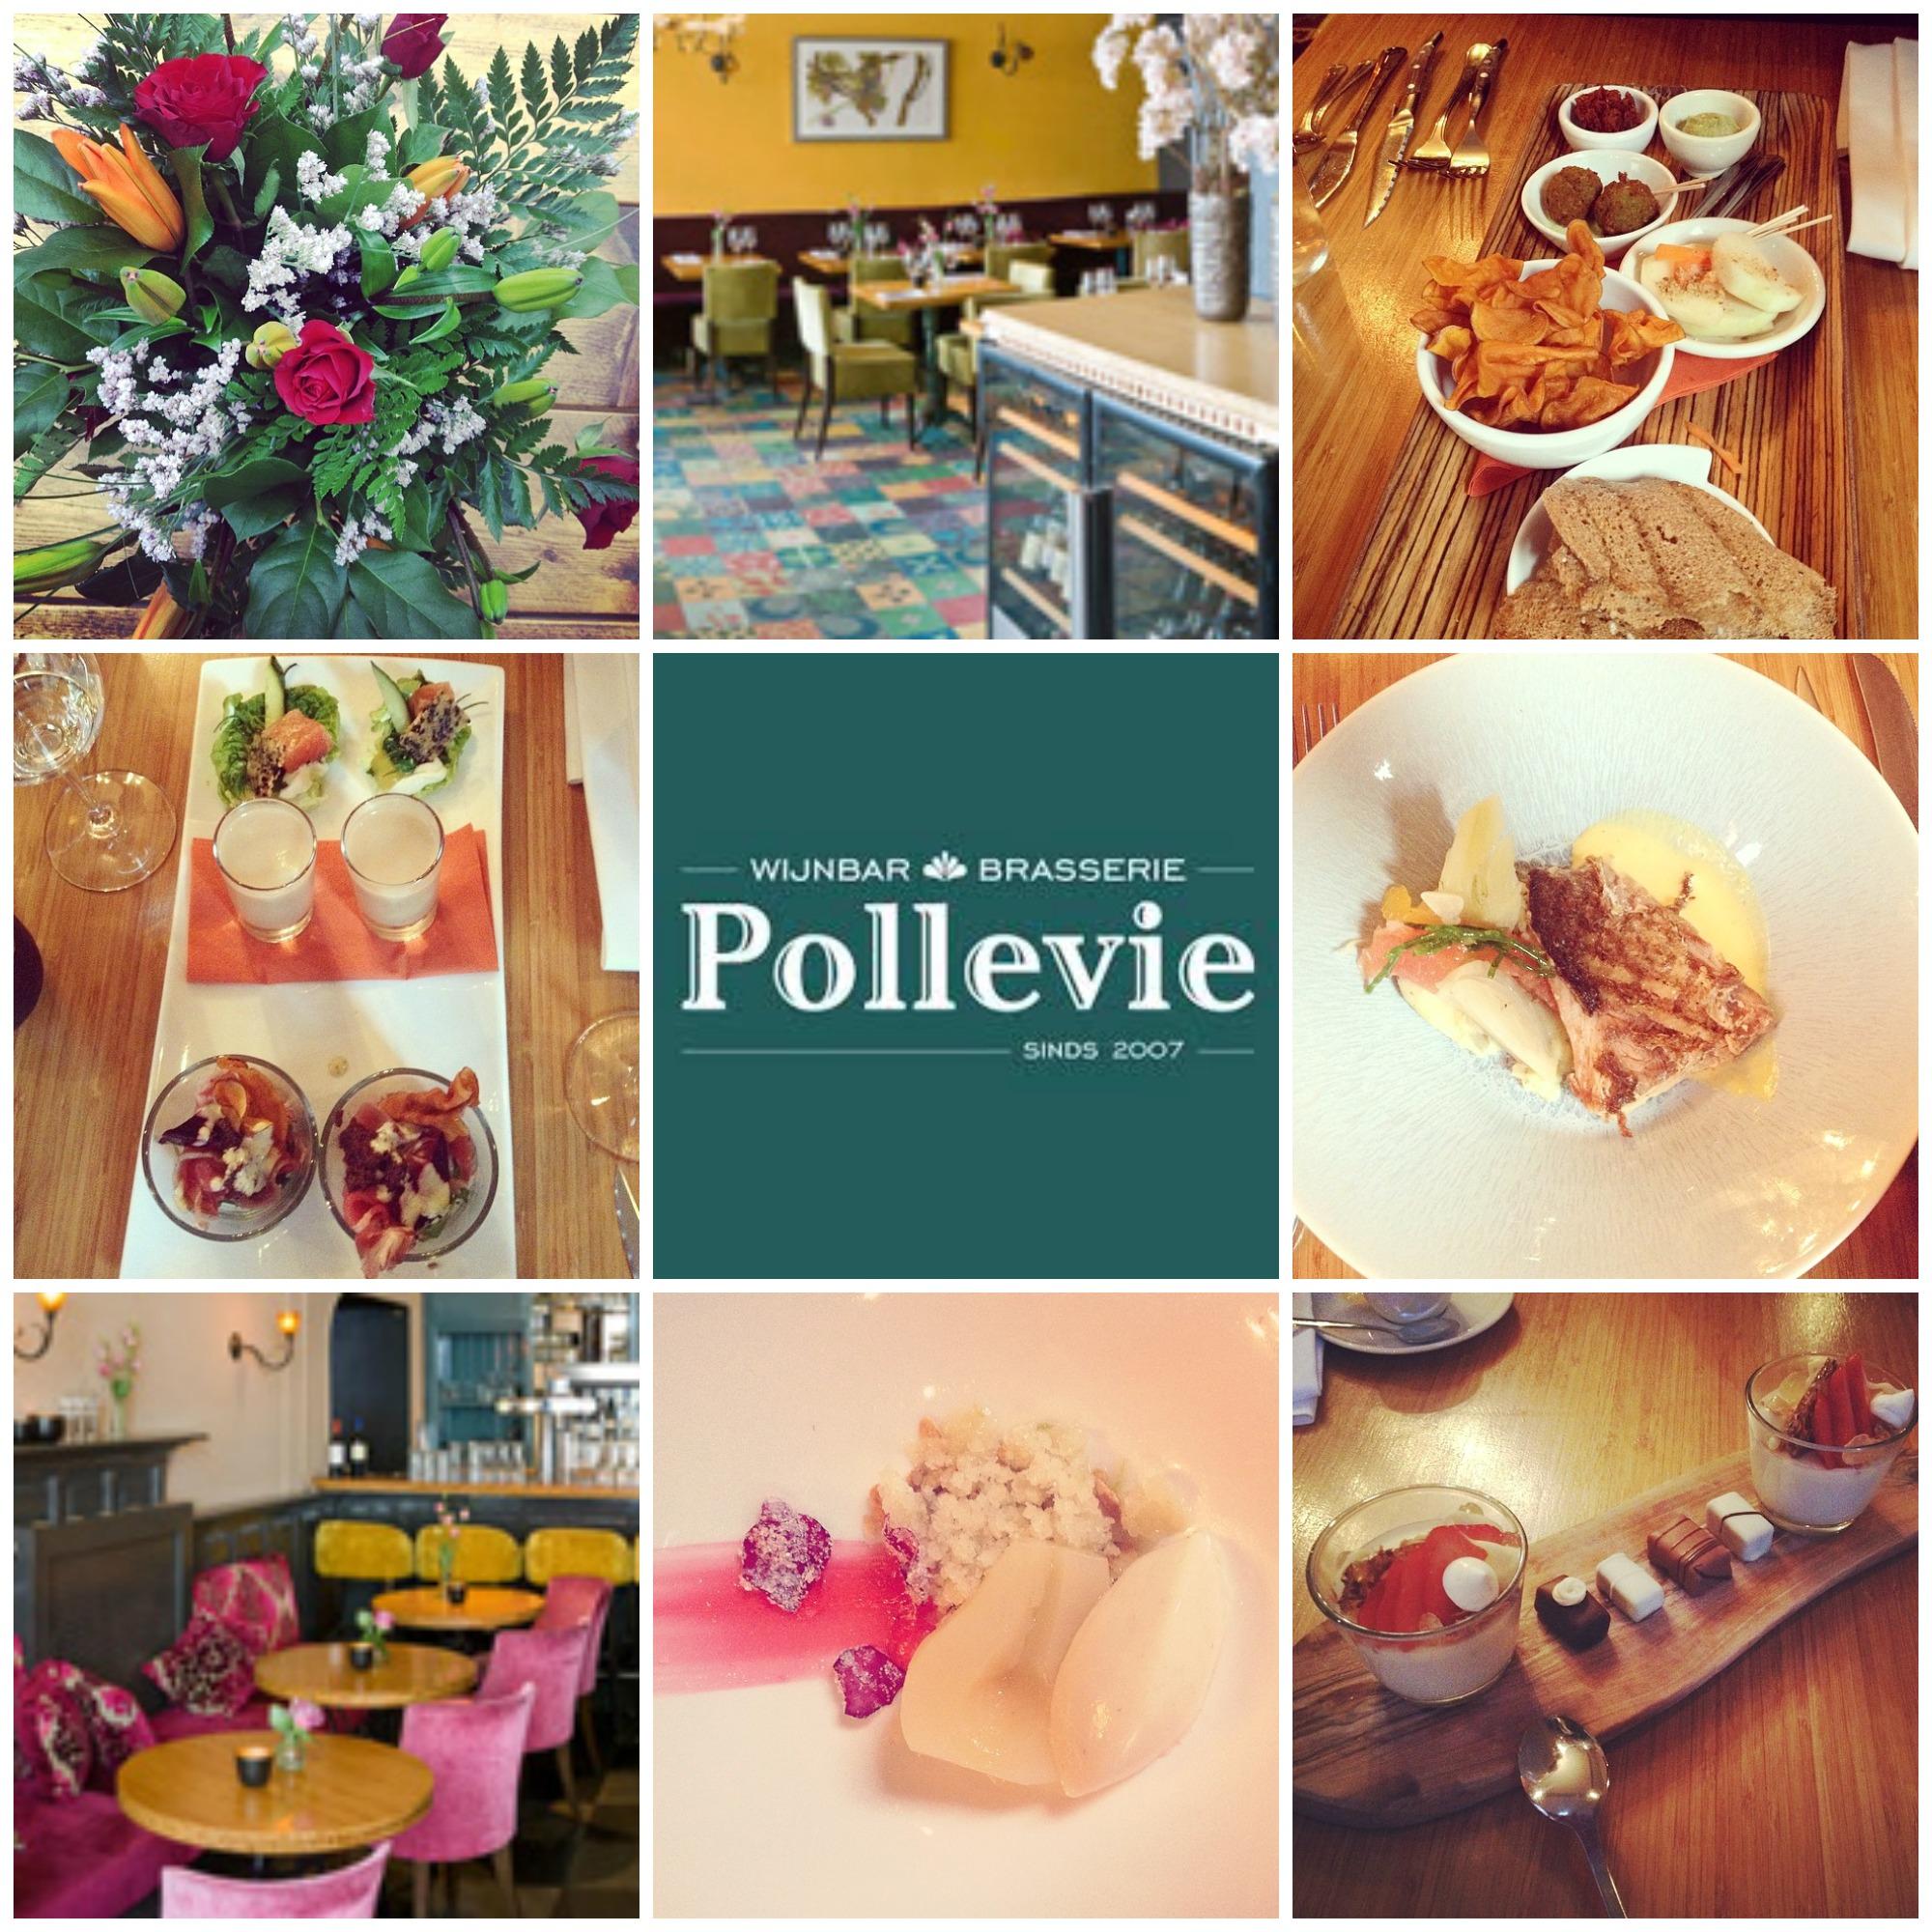 Wijnbar & Brasserie Pollevie, Den bosch